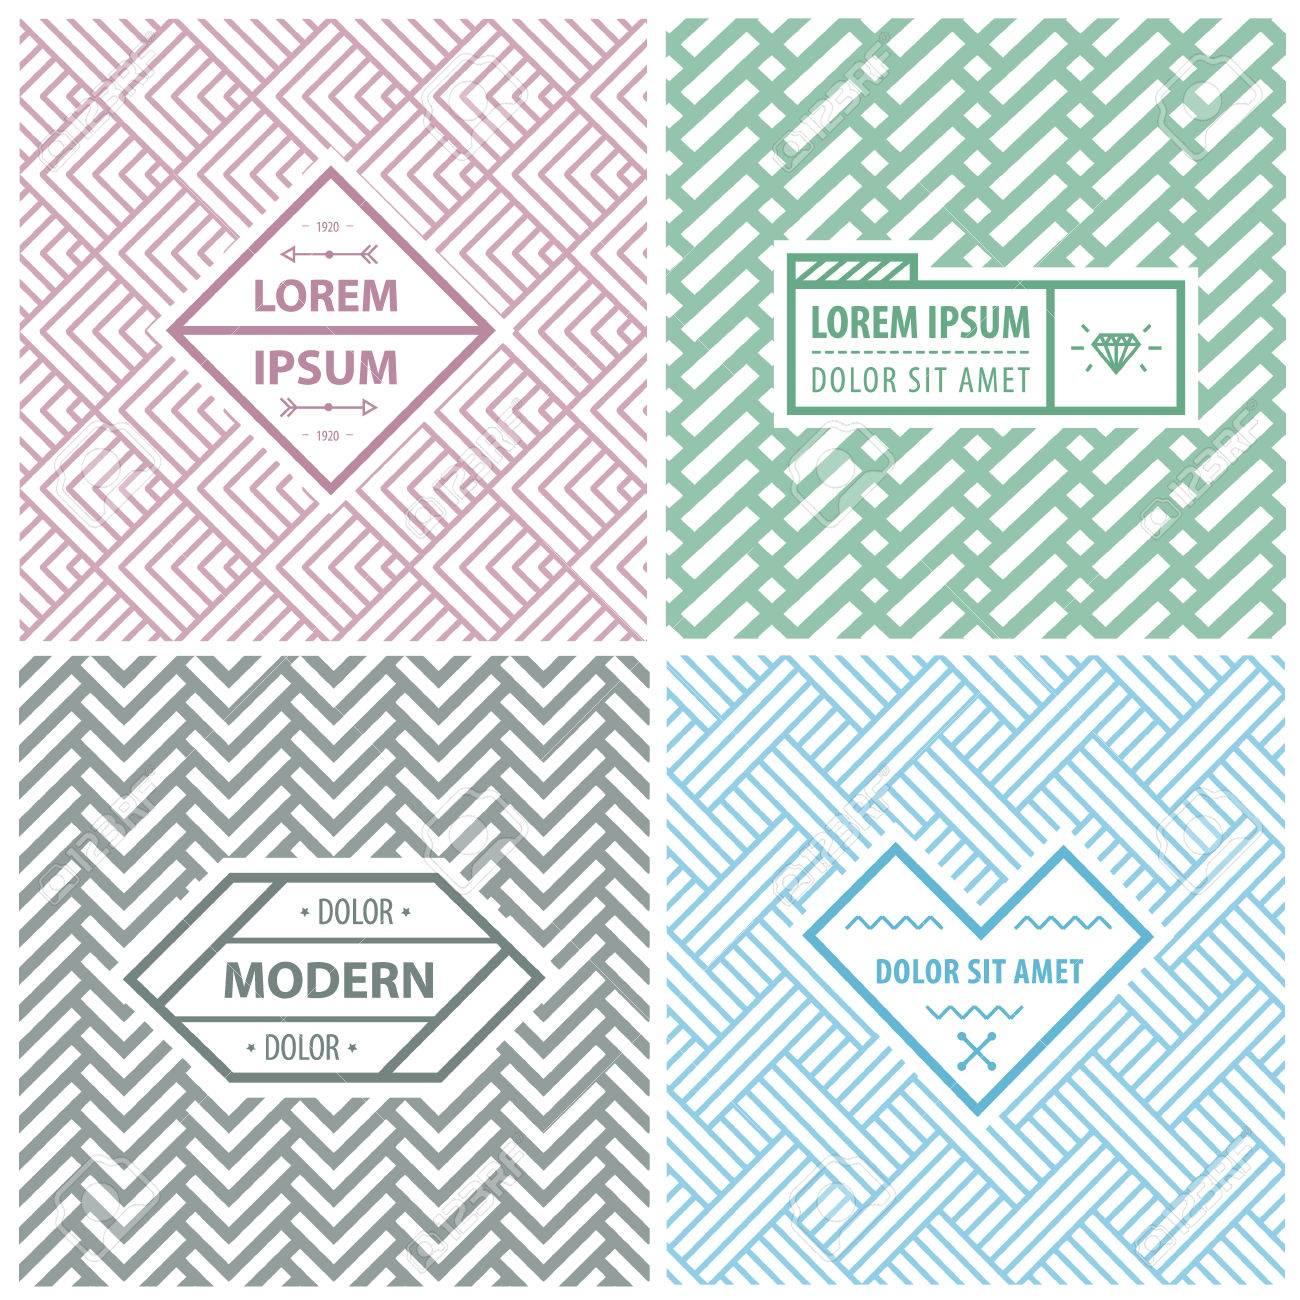 Plantillas De Diseño Gráfico Para El Logotipo, Etiquetas Y Escudos ...